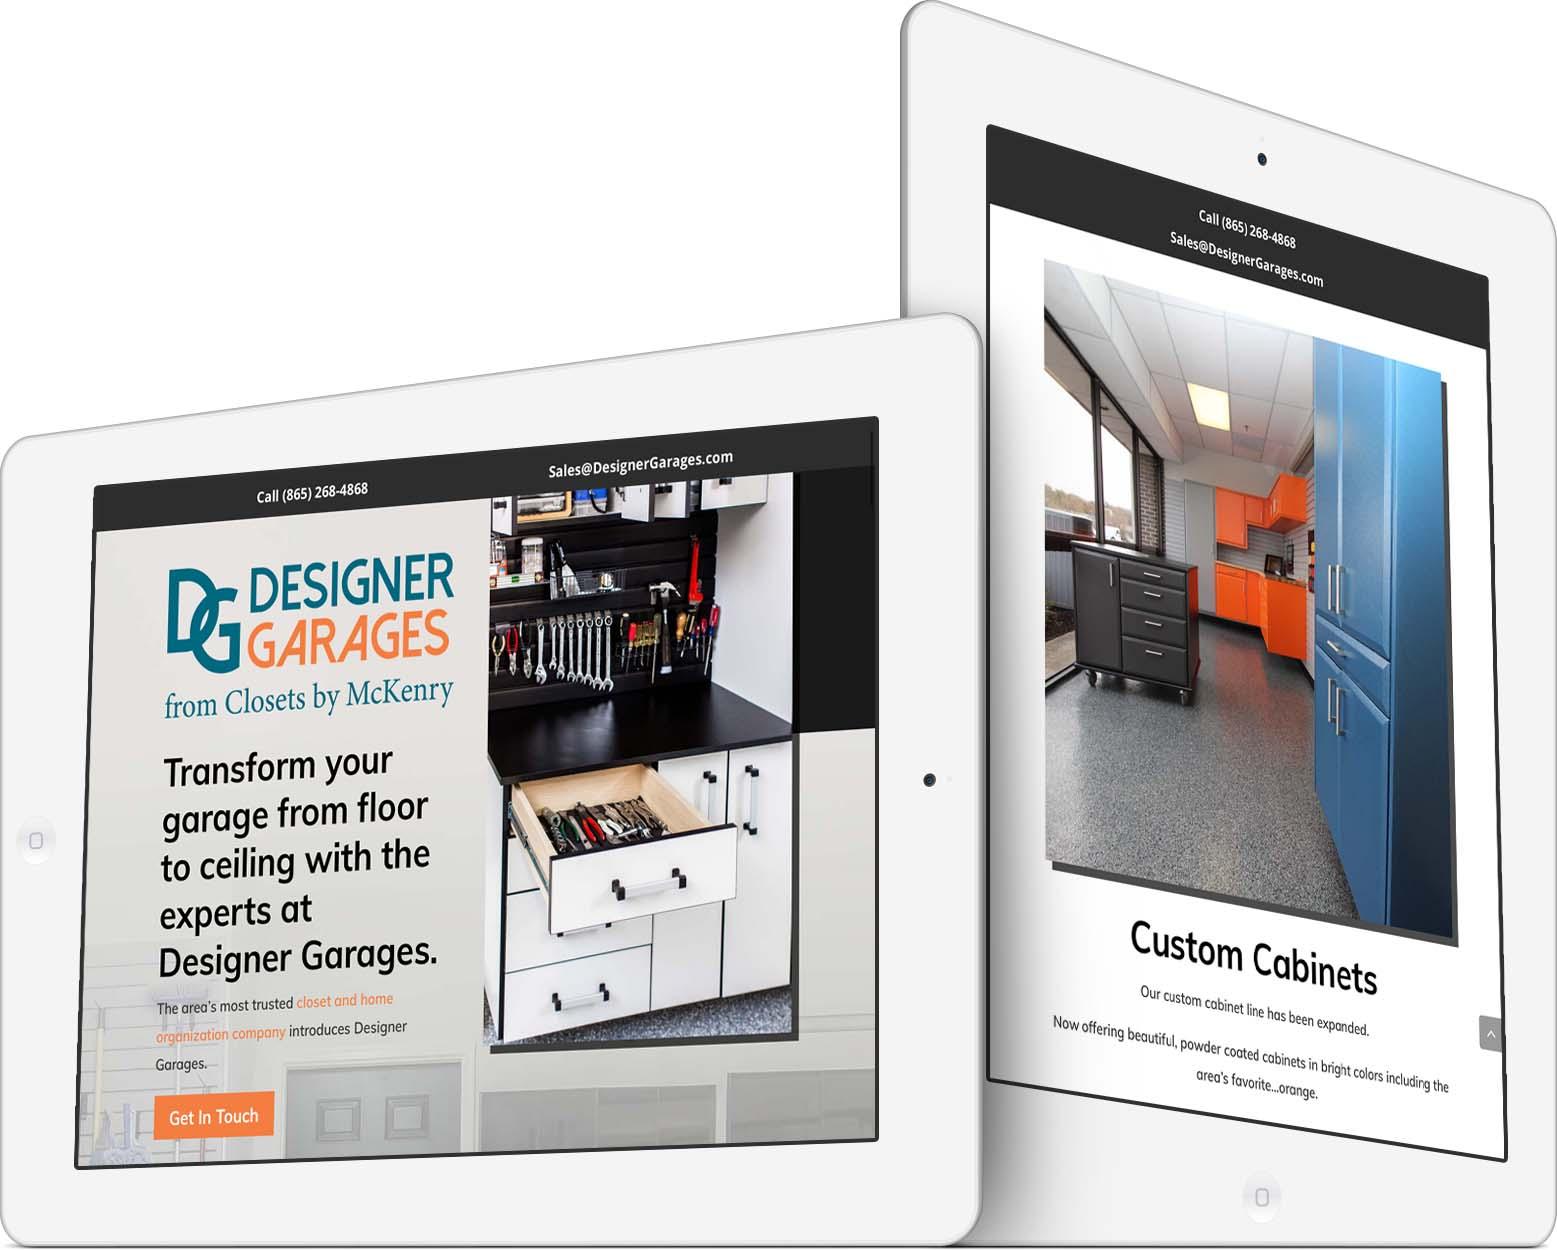 Designer Garages Responsive Web Design